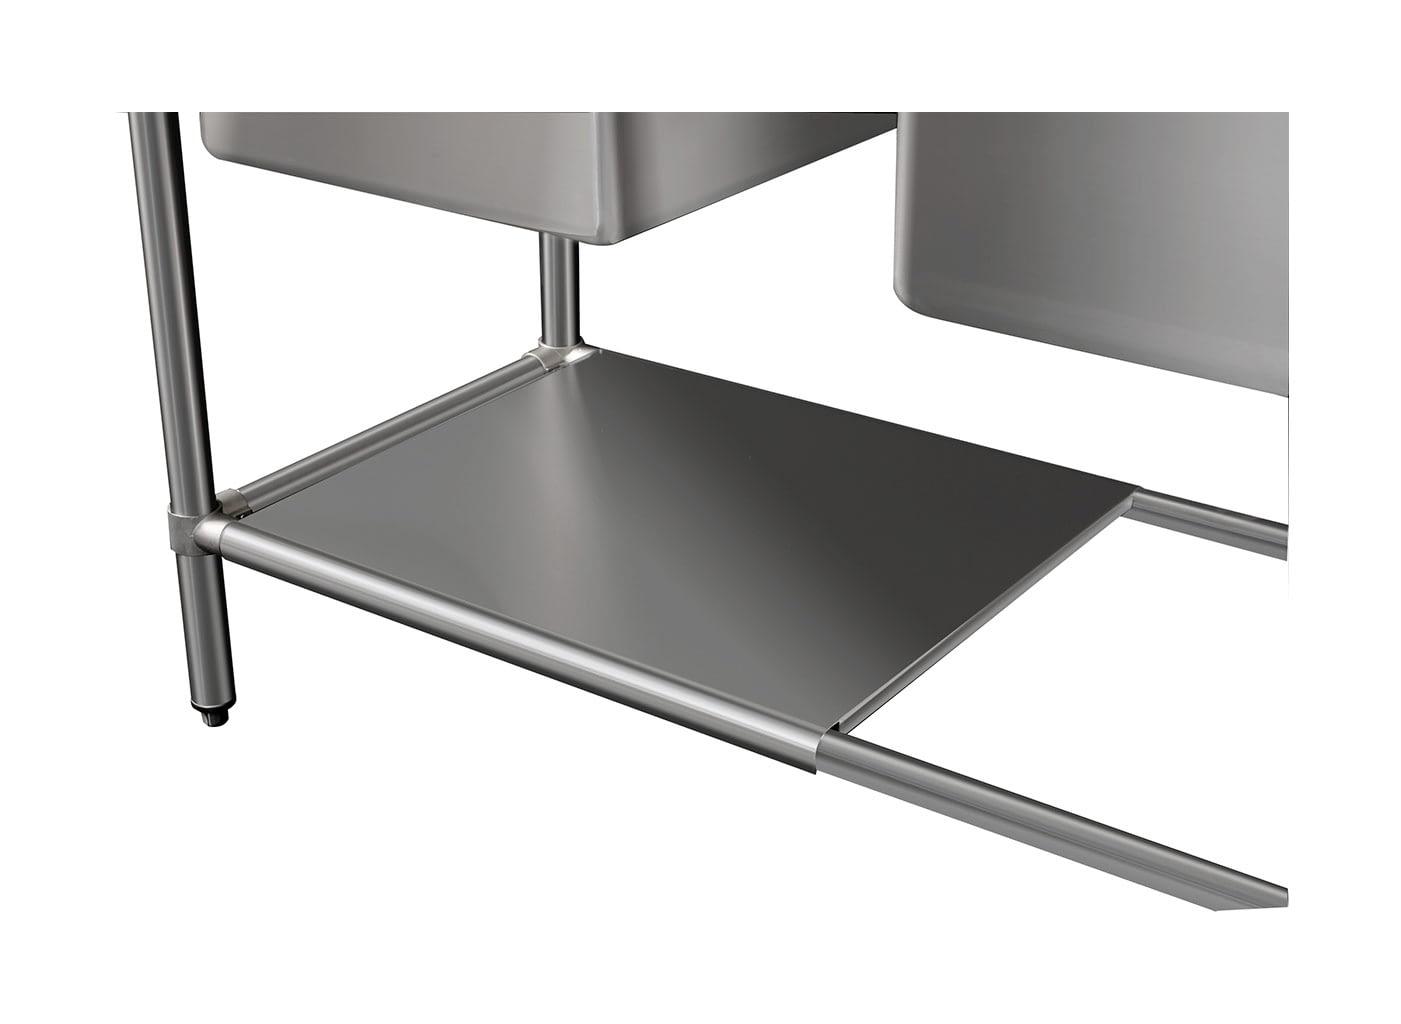 Sinkshelf To Fit 610mm Width Sink